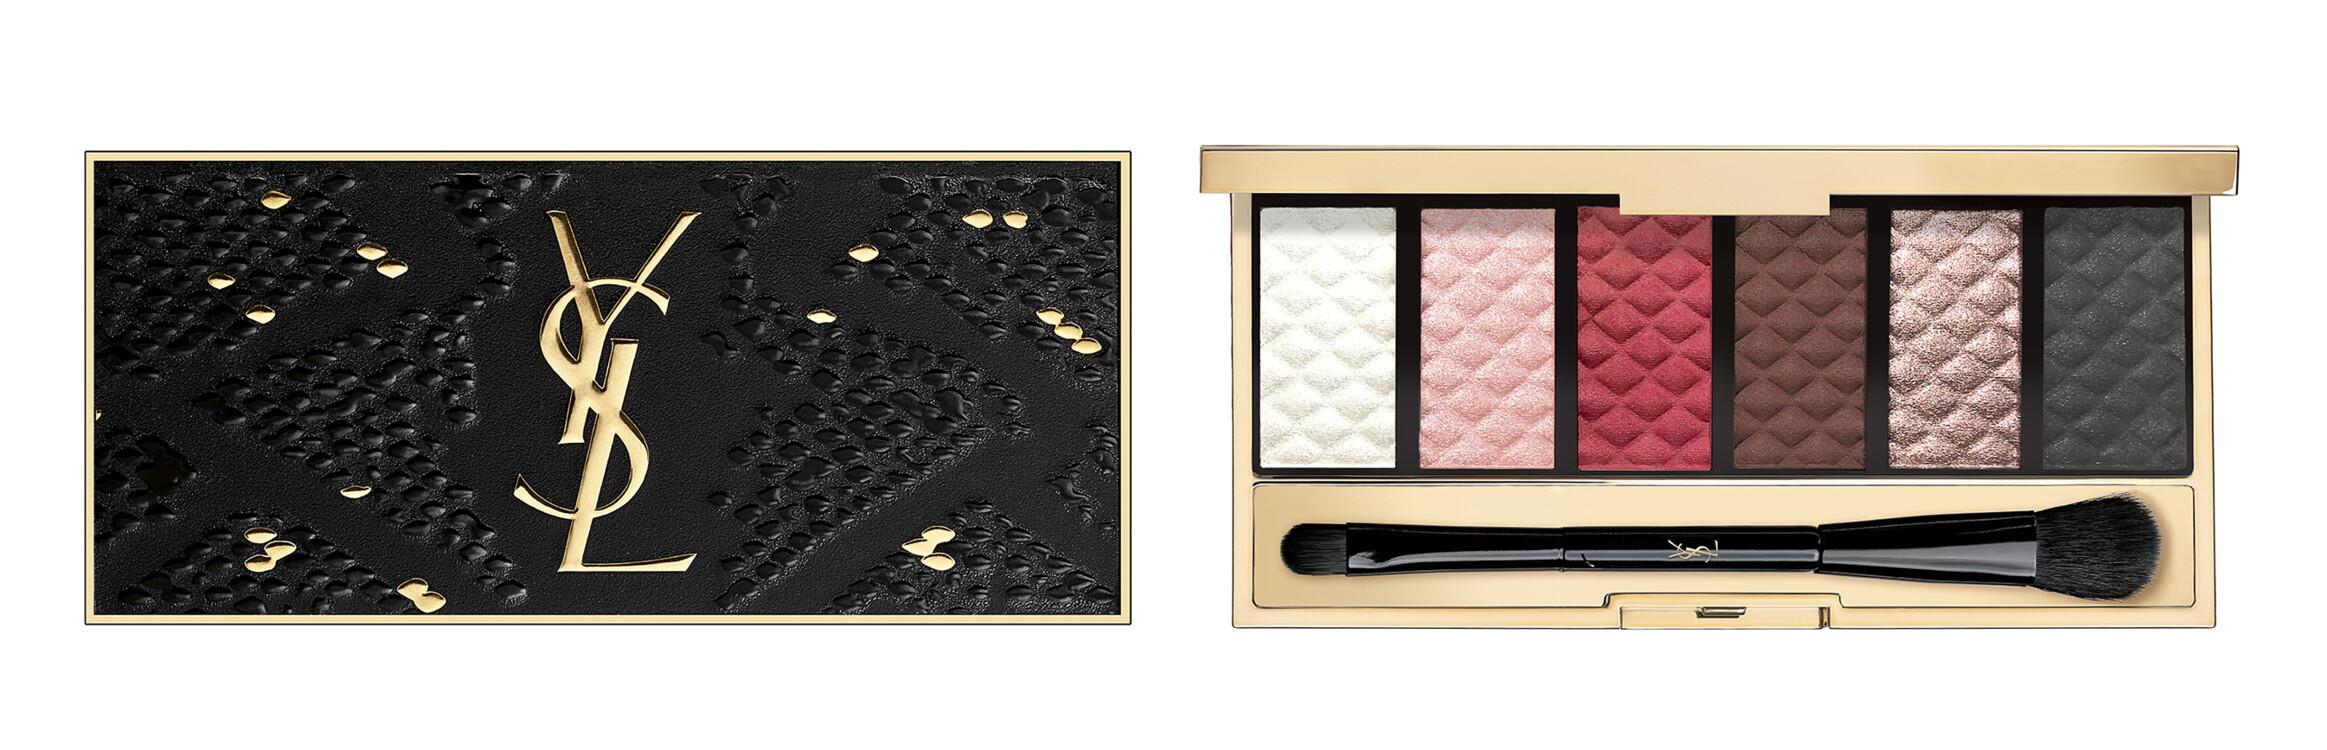 Шестицветный набор теней из осенней коллекции макияжа YSL Beauté, лимитированный выпуск